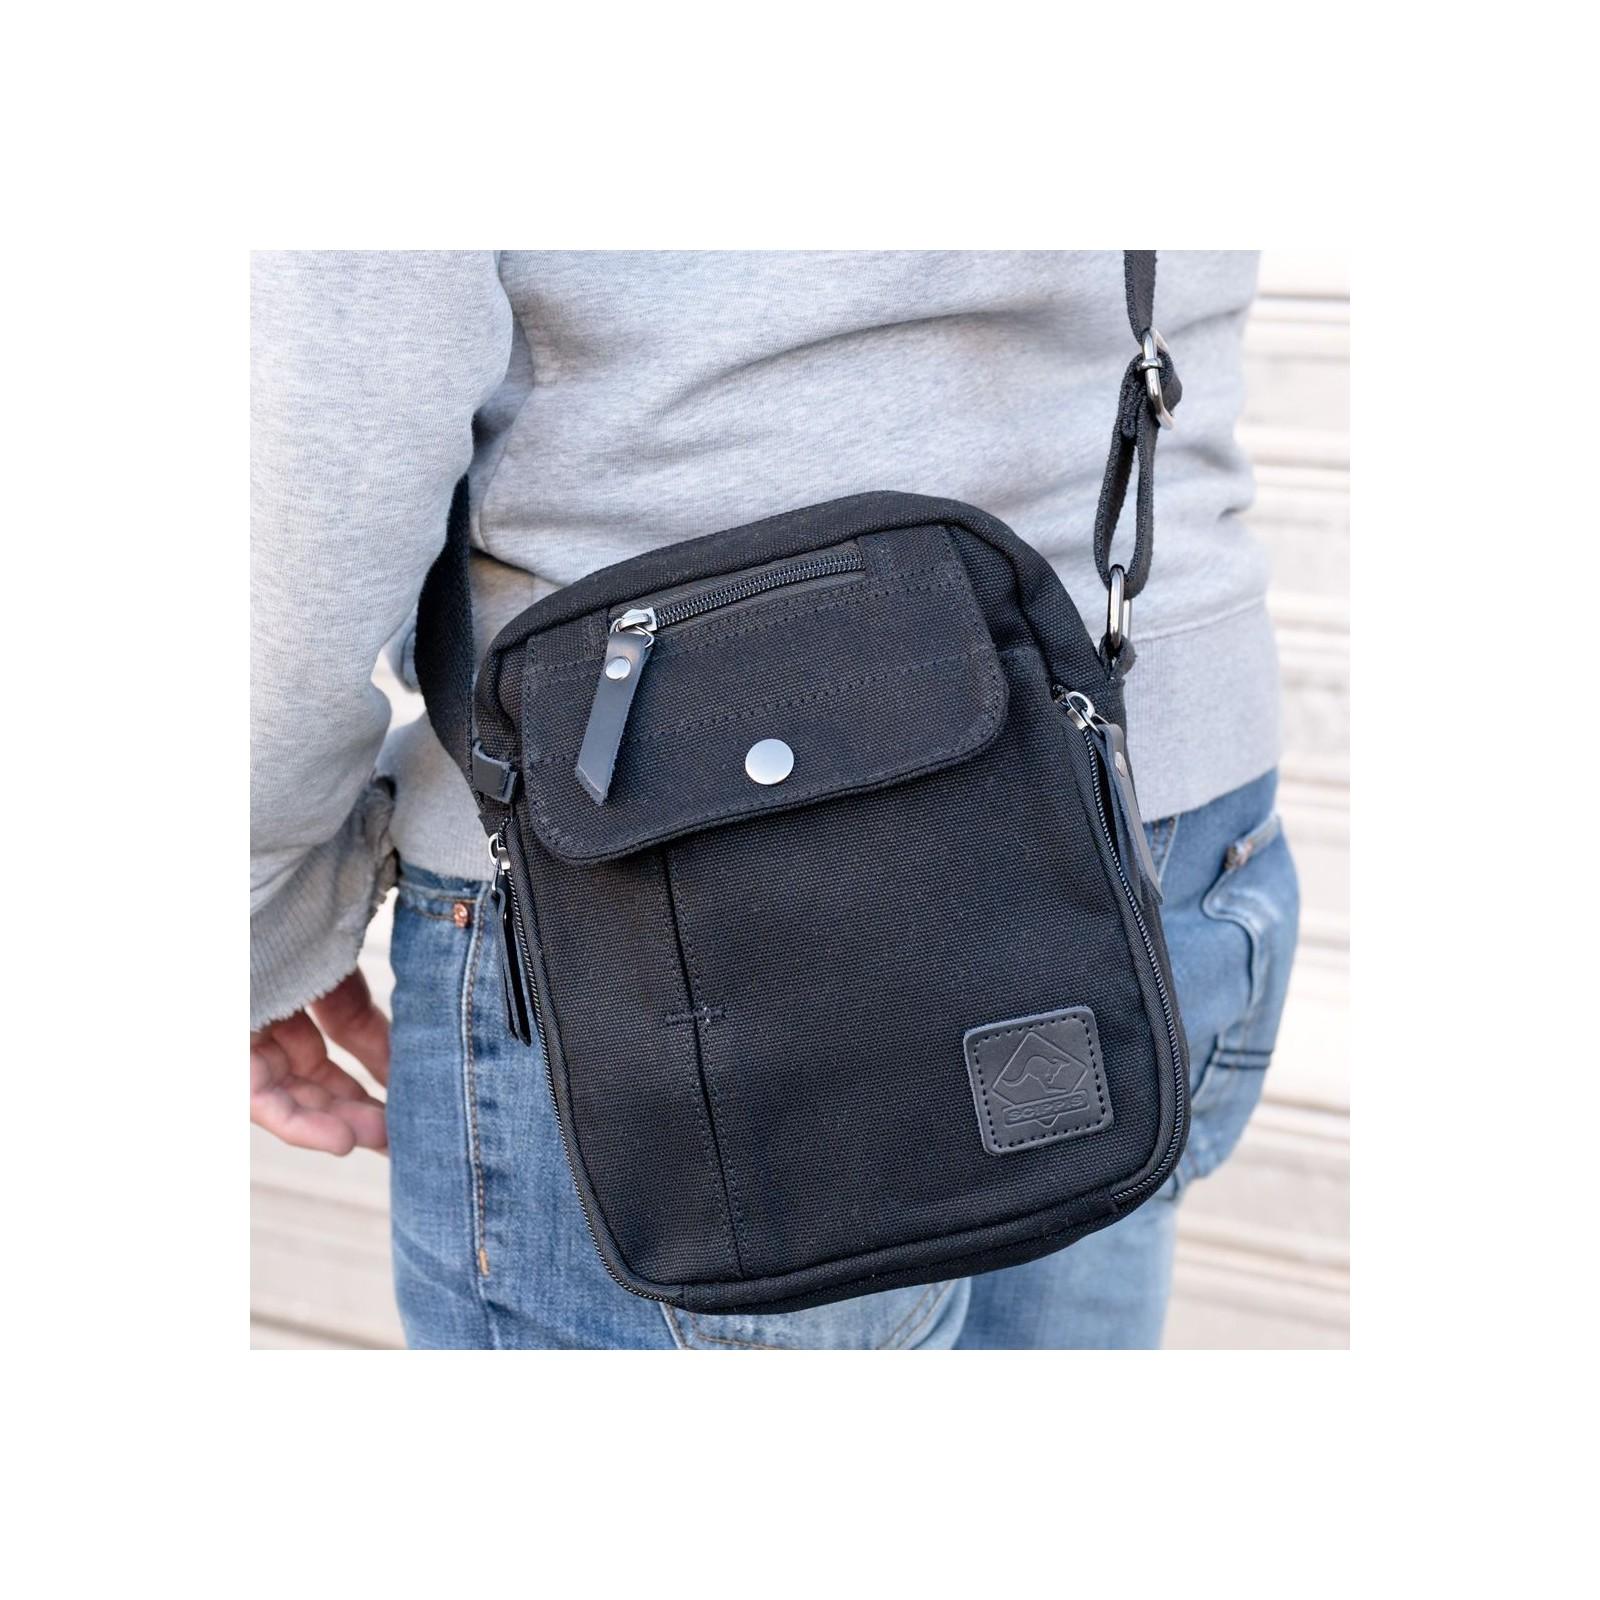 Scippis Port Arthur bag